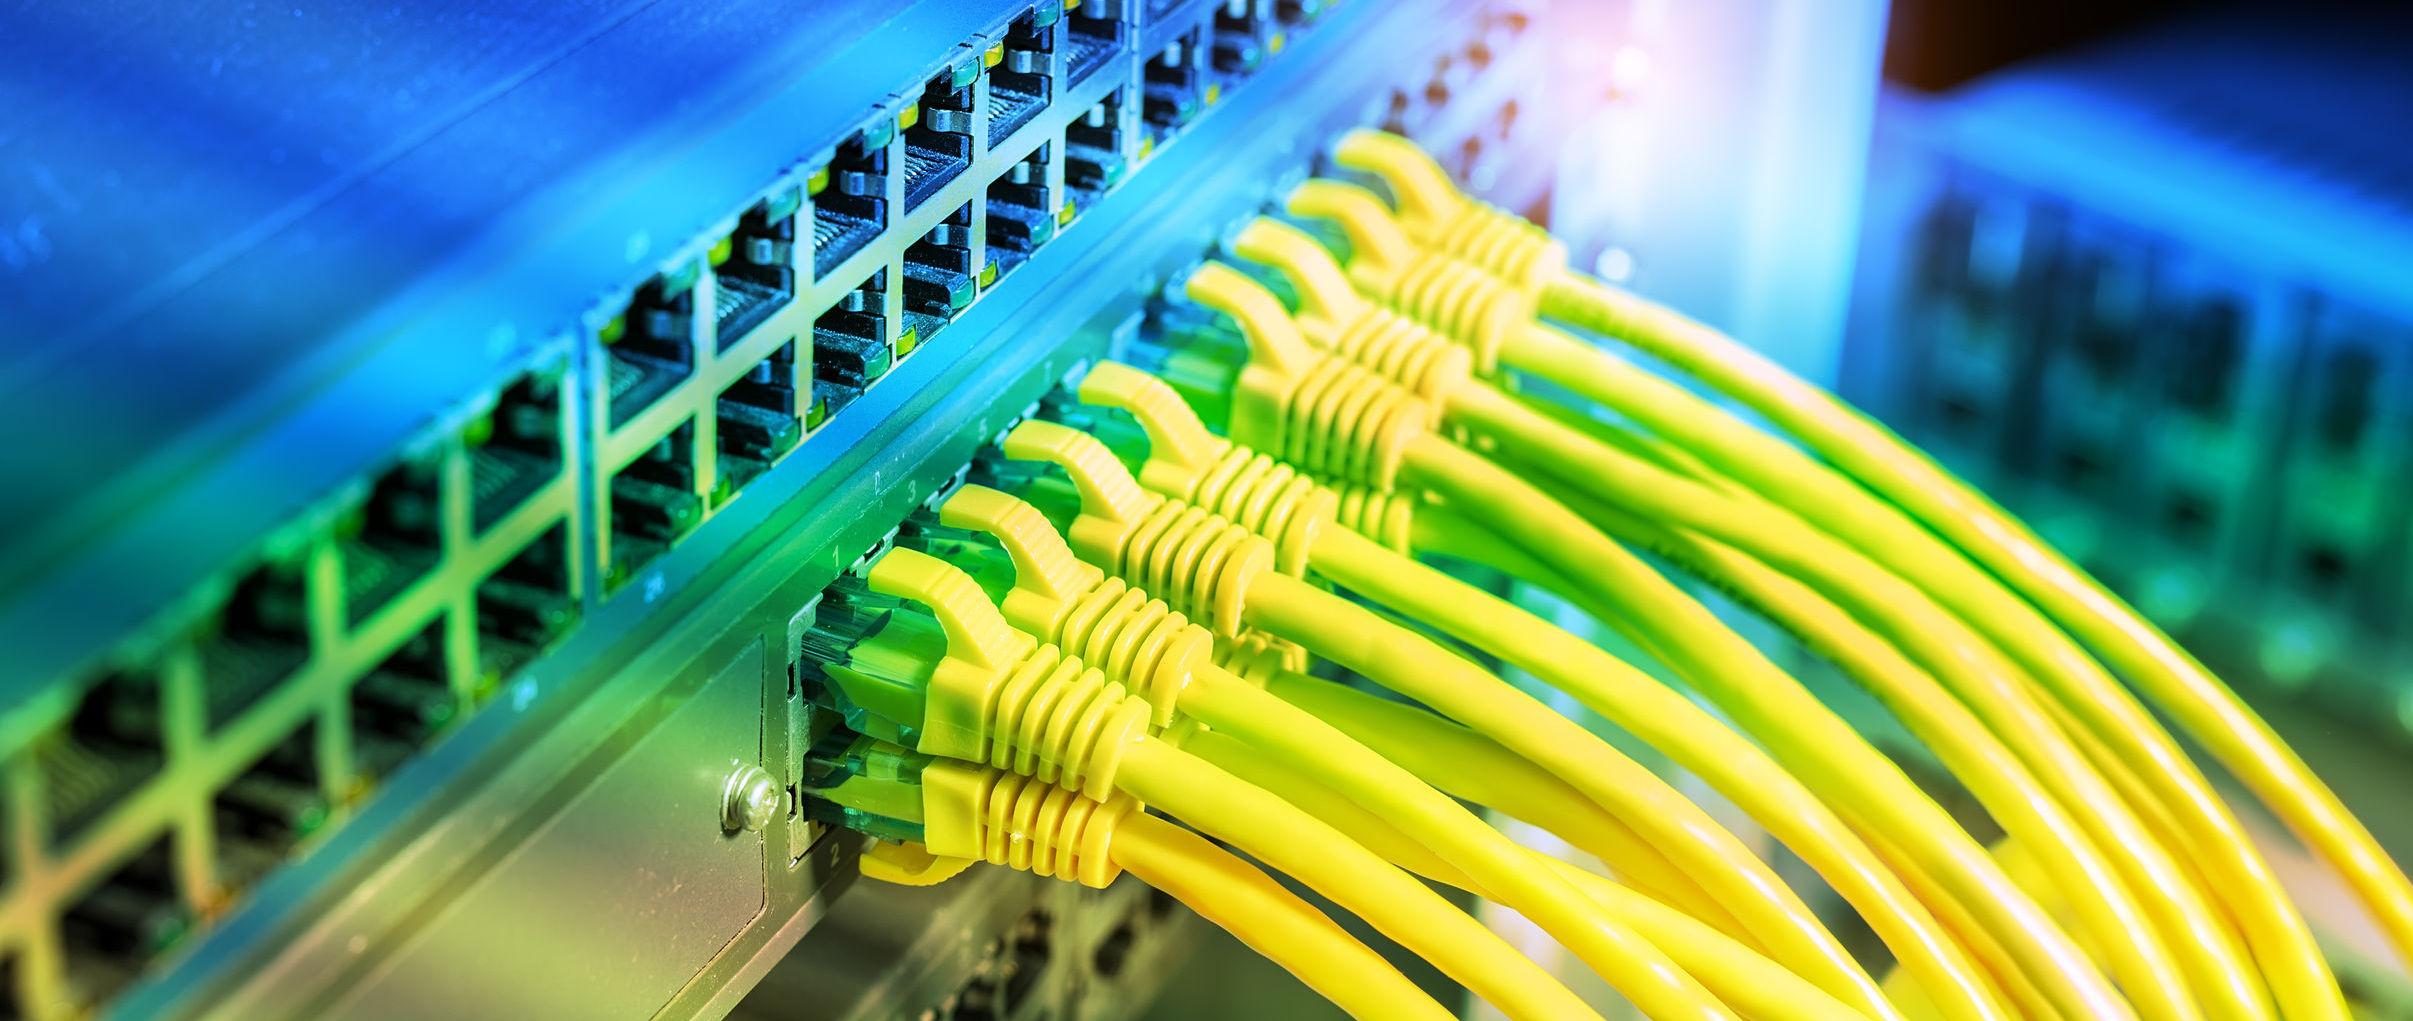 vállalati telekommunikáció, ndsl, opennet